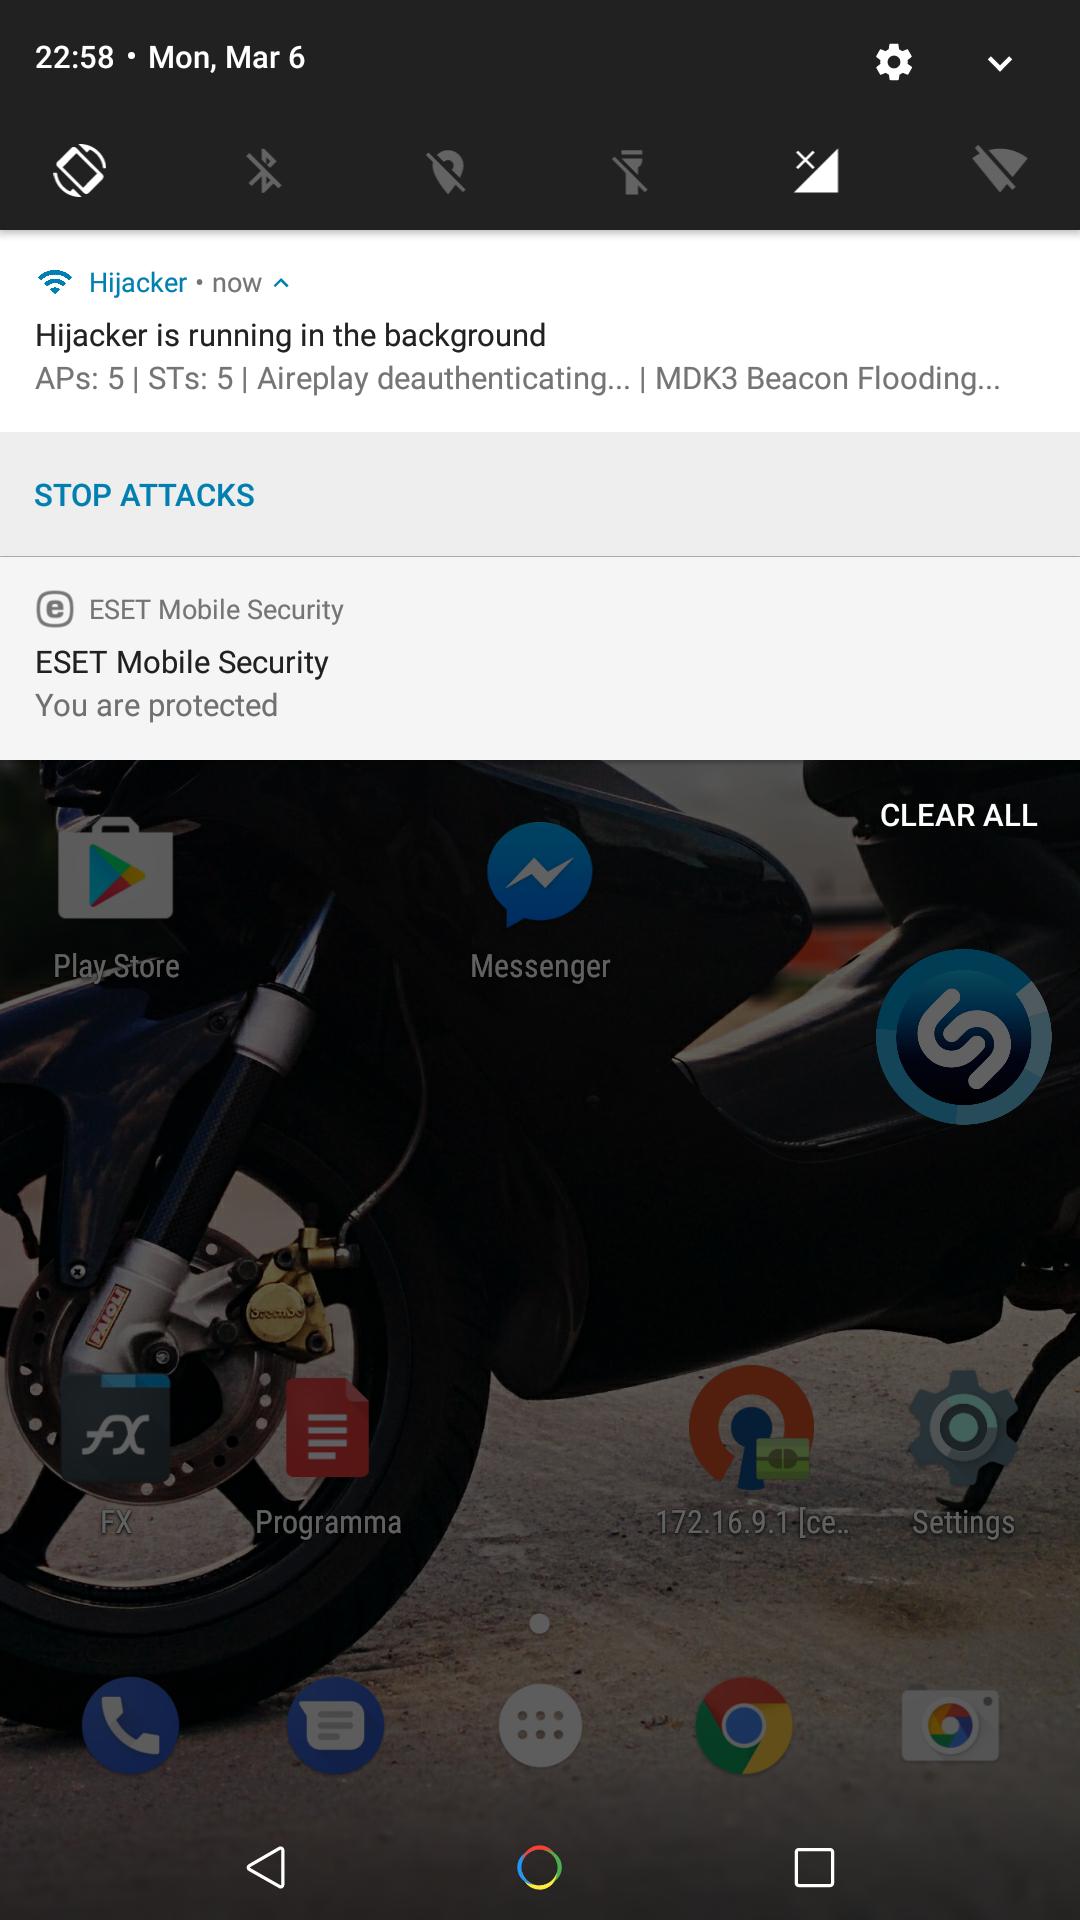 metadata/com.hijacker/en-US/images/phoneScreenshots/pS006.png